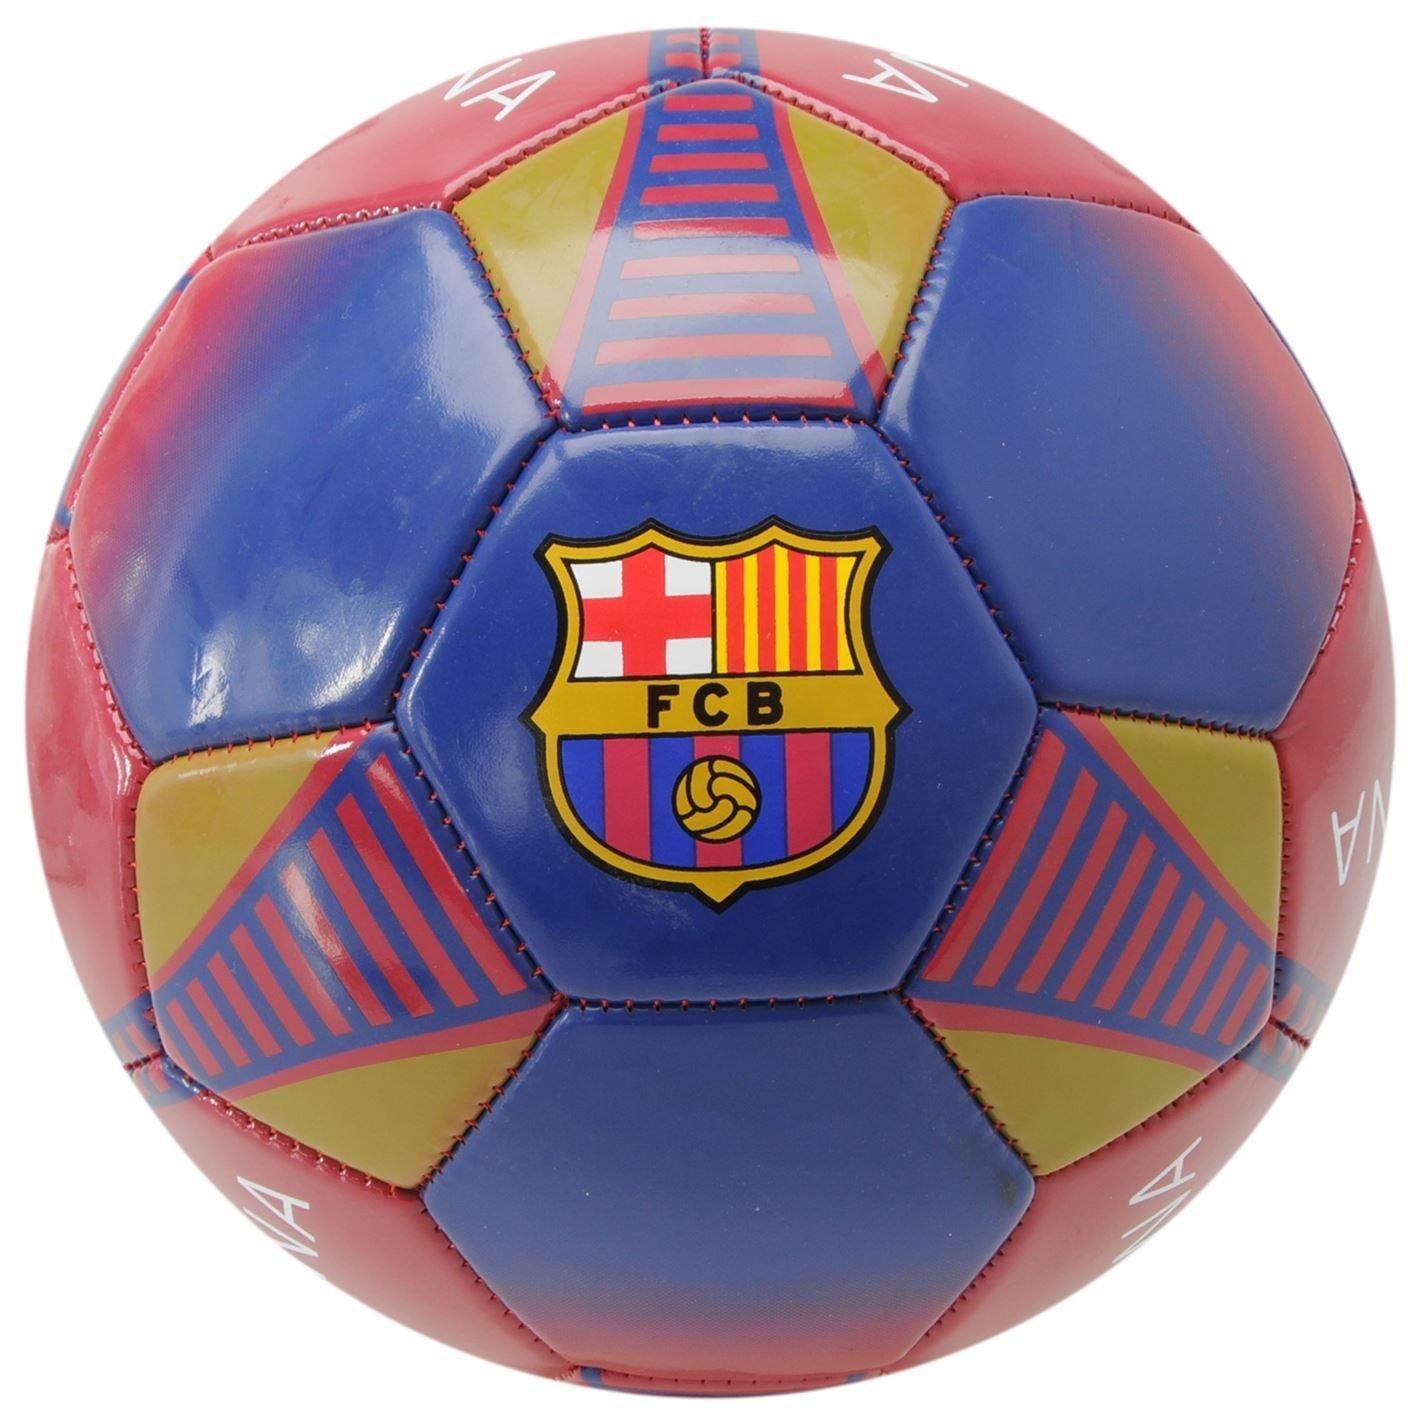 チームSynergy Football FCバルセロナLa Ligaバルセロナサッカーボールサイズ5 B011BLAOV6